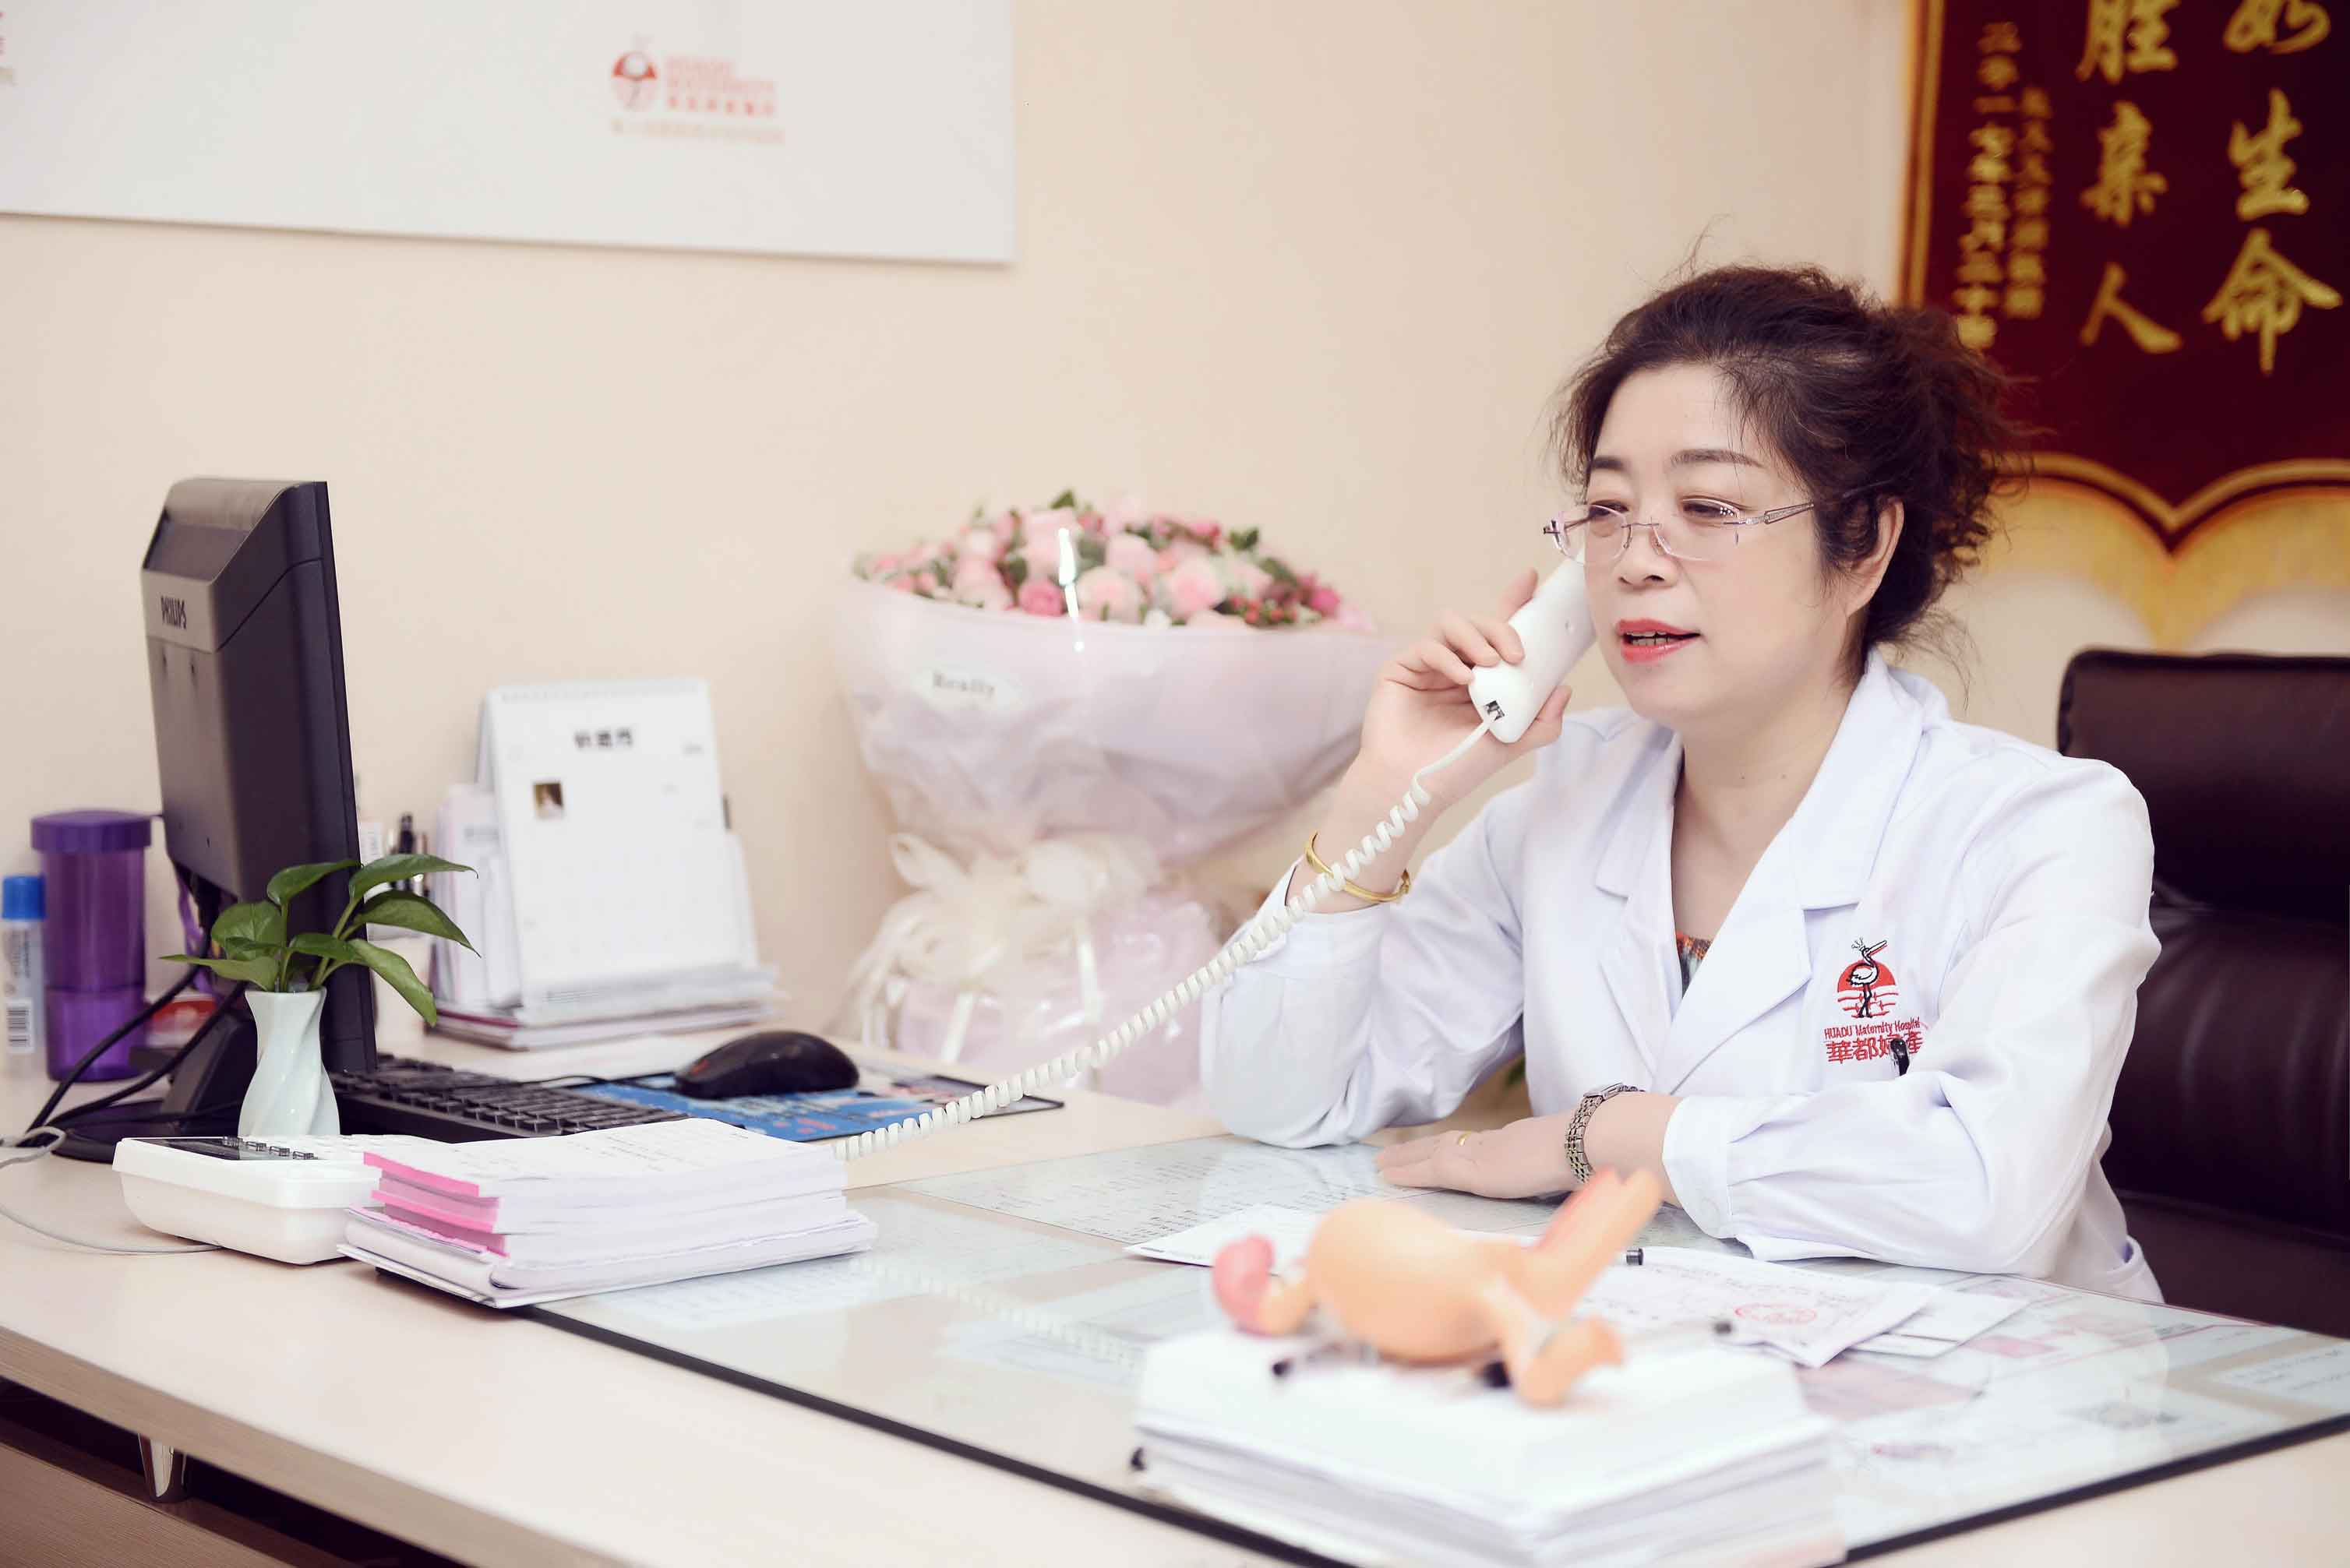 西安华都妇产医院:以病人为中心的医疗质量的管理战略